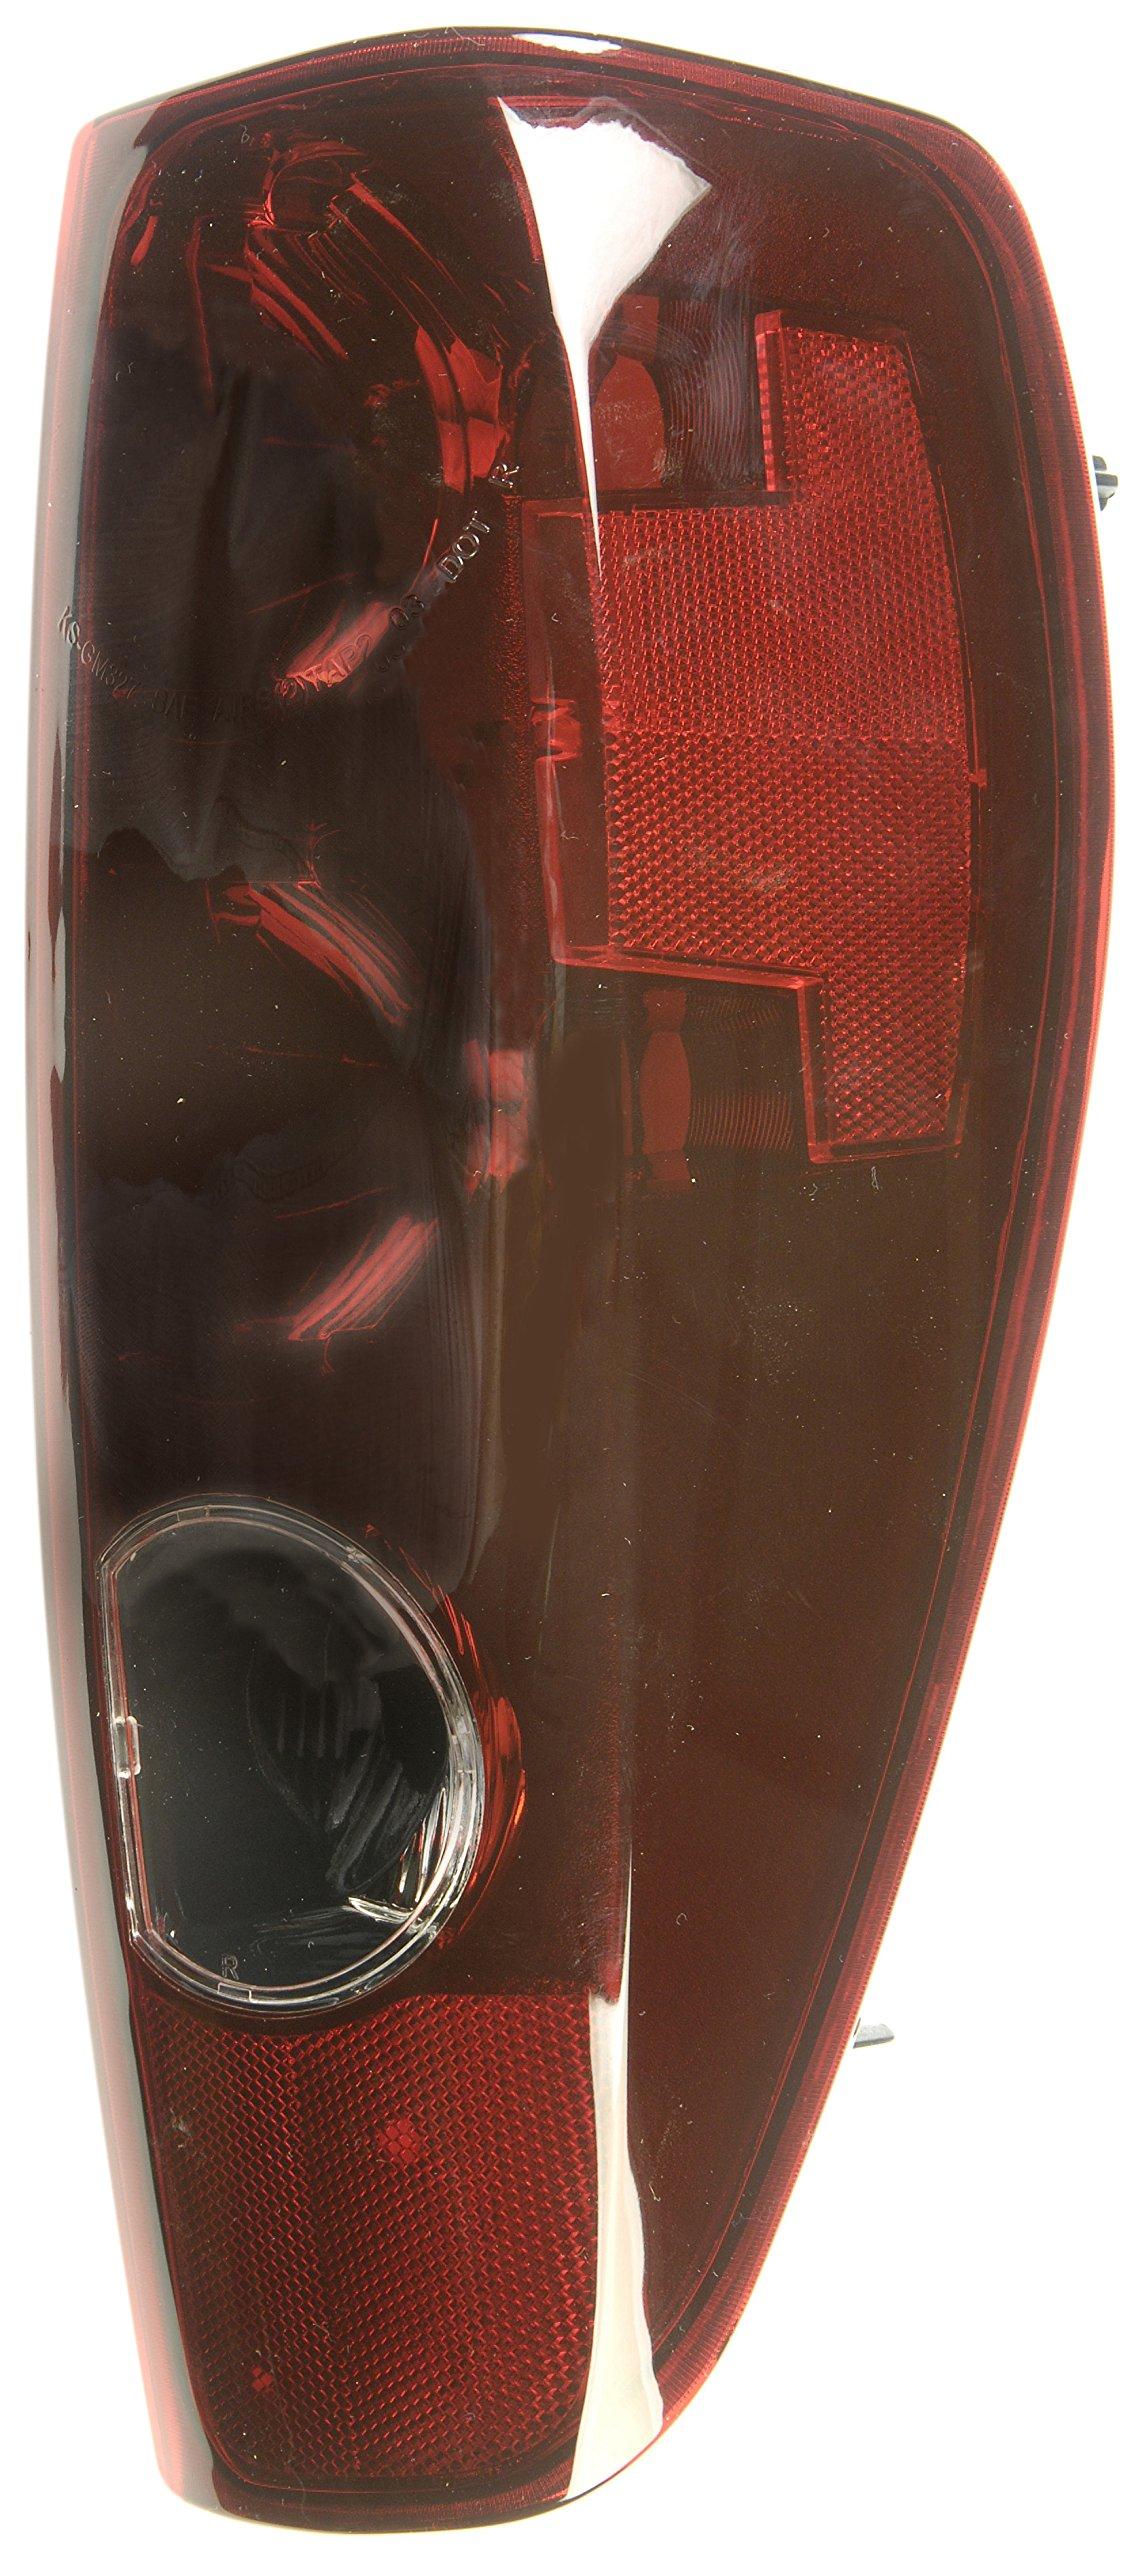 Dorman 1611134 Passenger Side Tail Light Assembly for Select Chevrolet / GMC Models